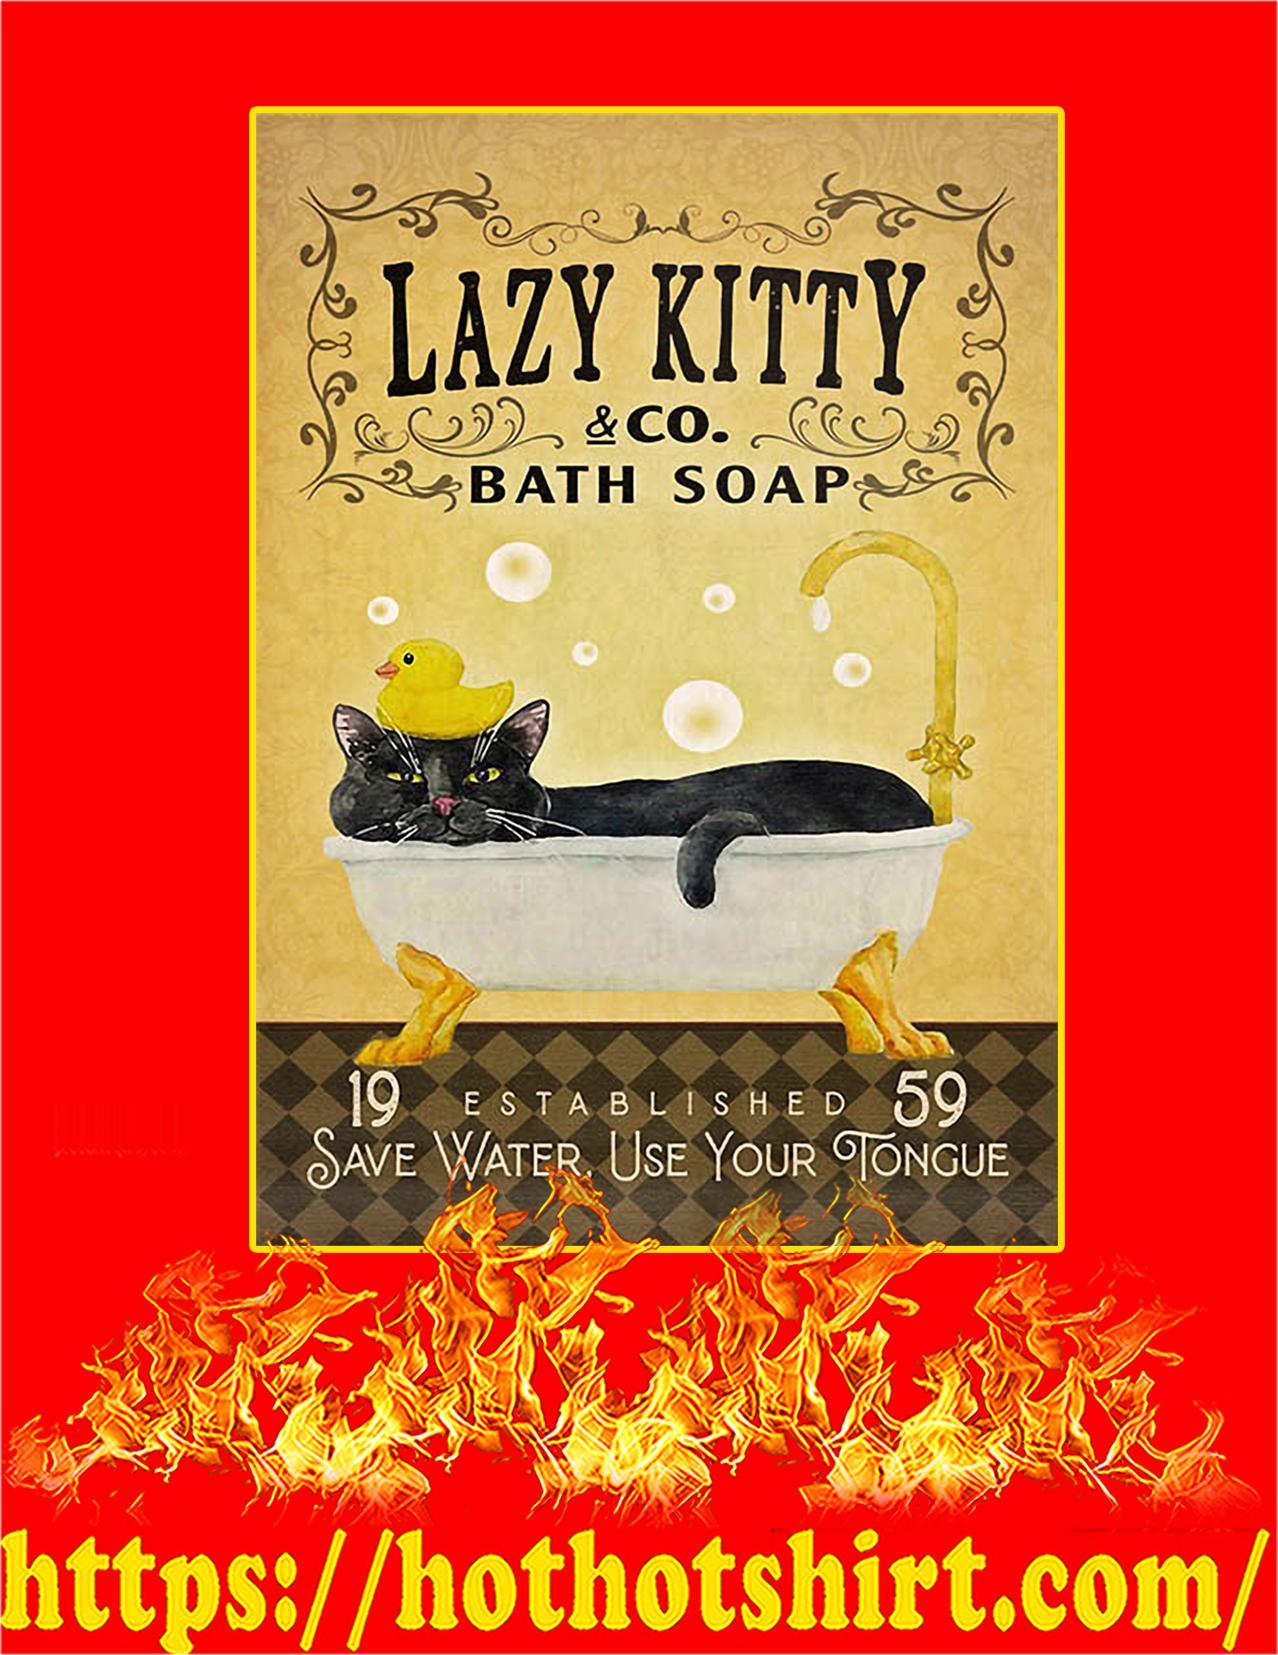 Bath soap company lazy kitty poster - A3